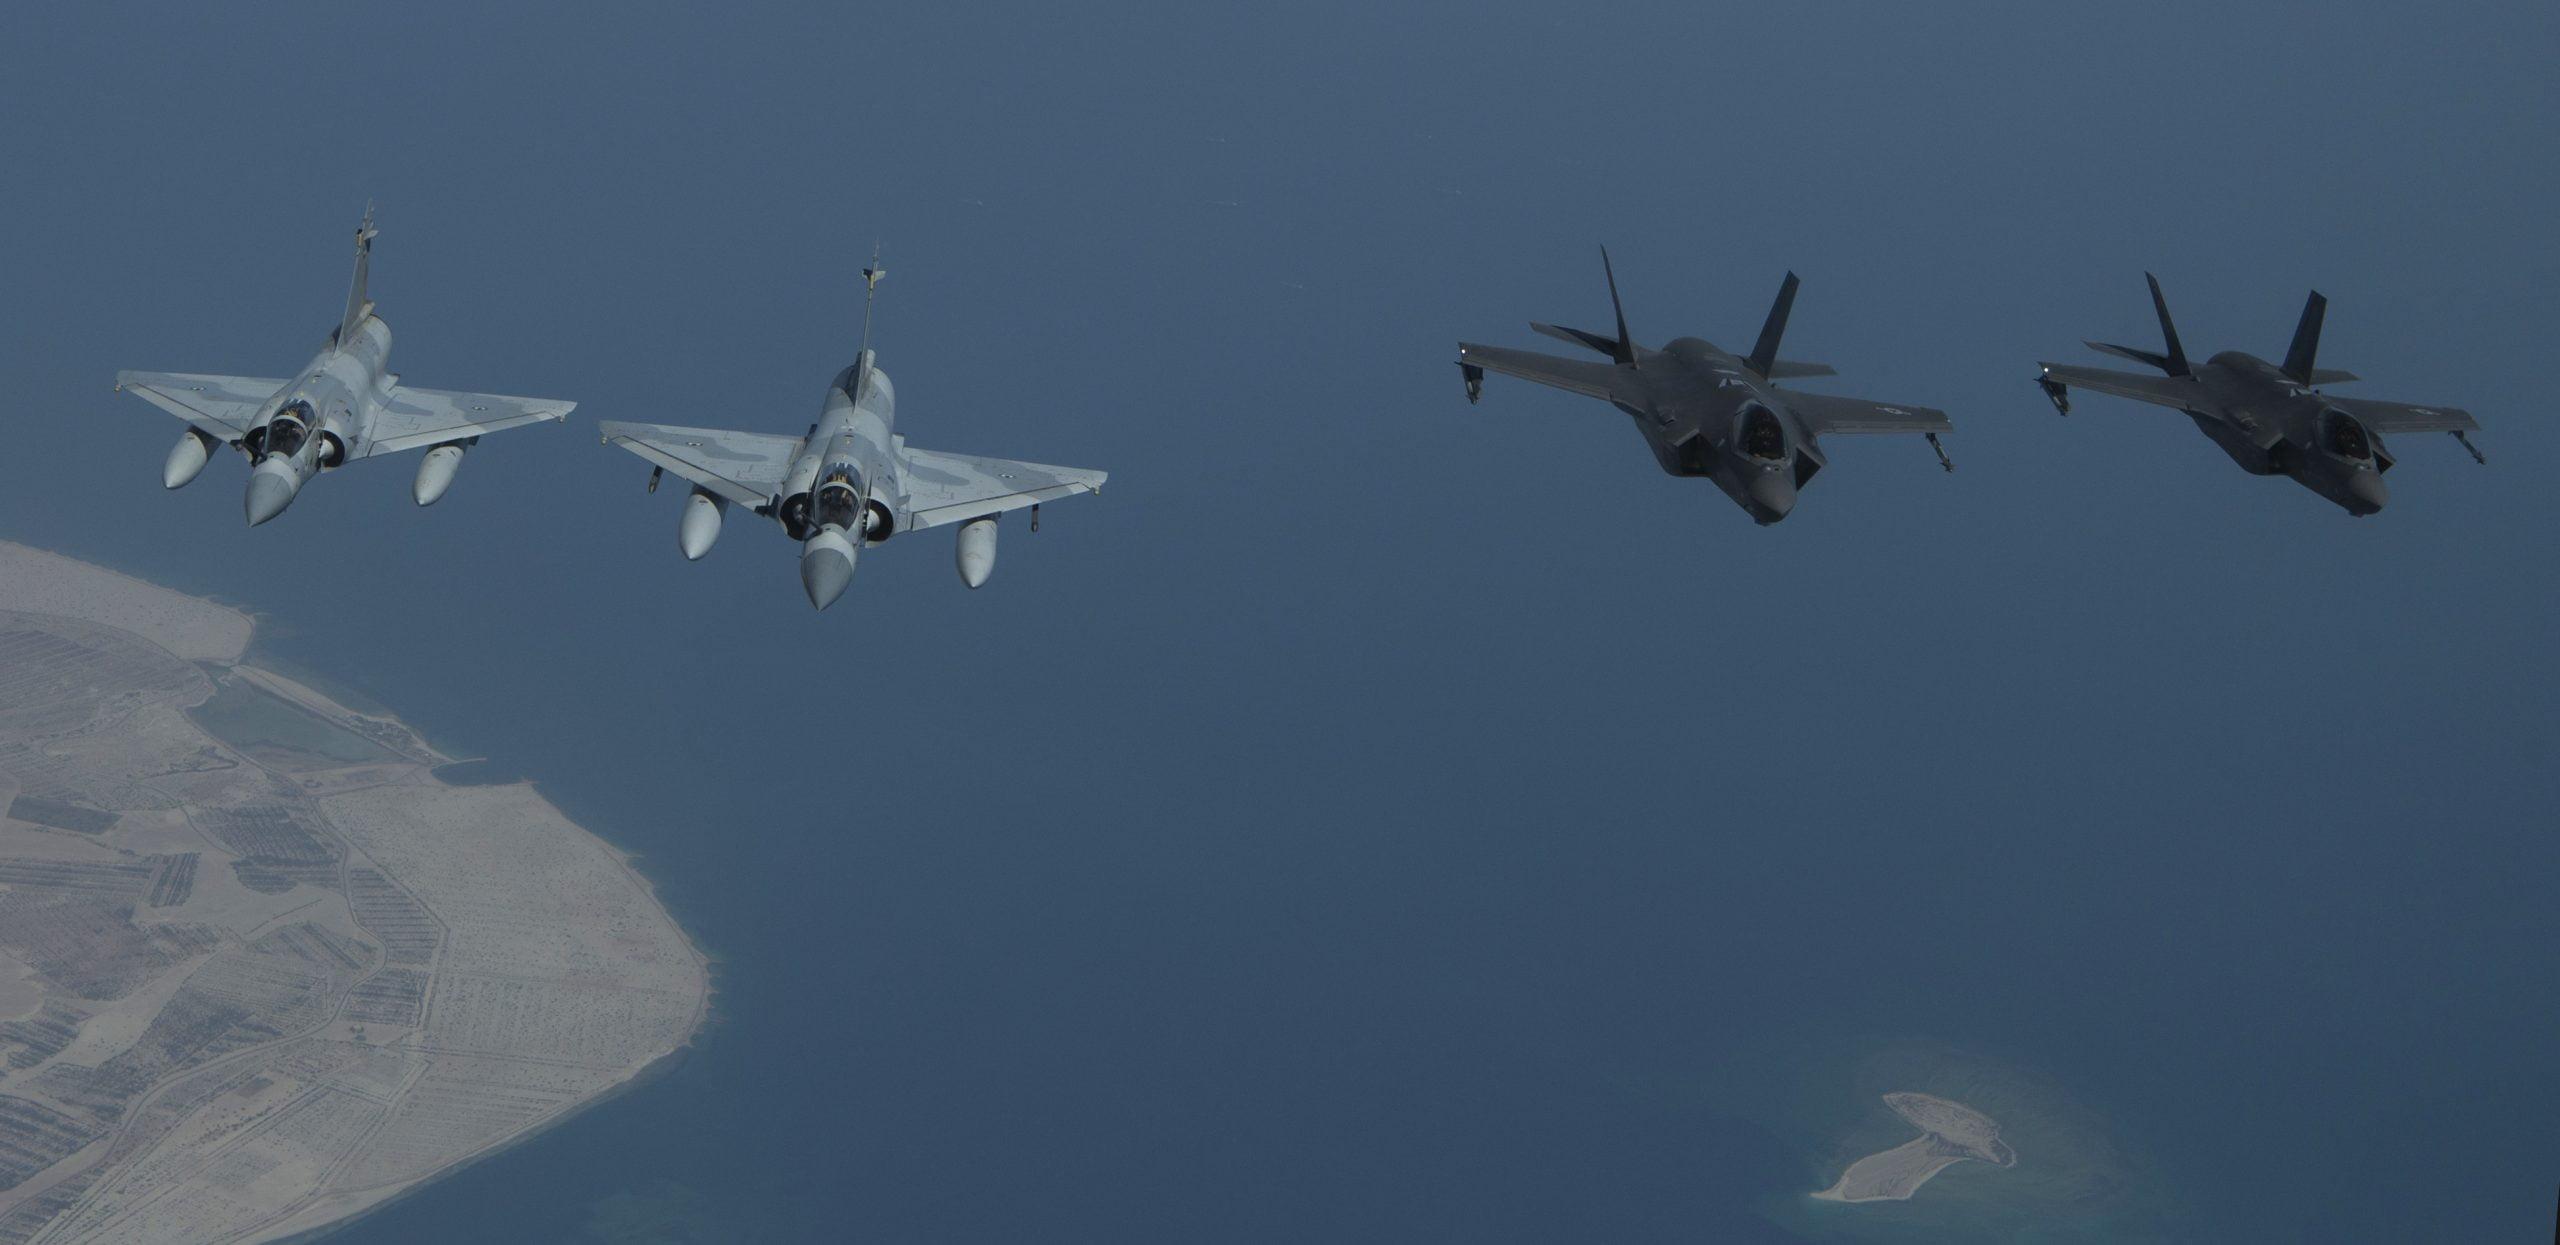 Τελικό. Τα Εμιράτα θα προμηθευθούν 50 F-35 και 8 MQ-9 REAPER DRONES